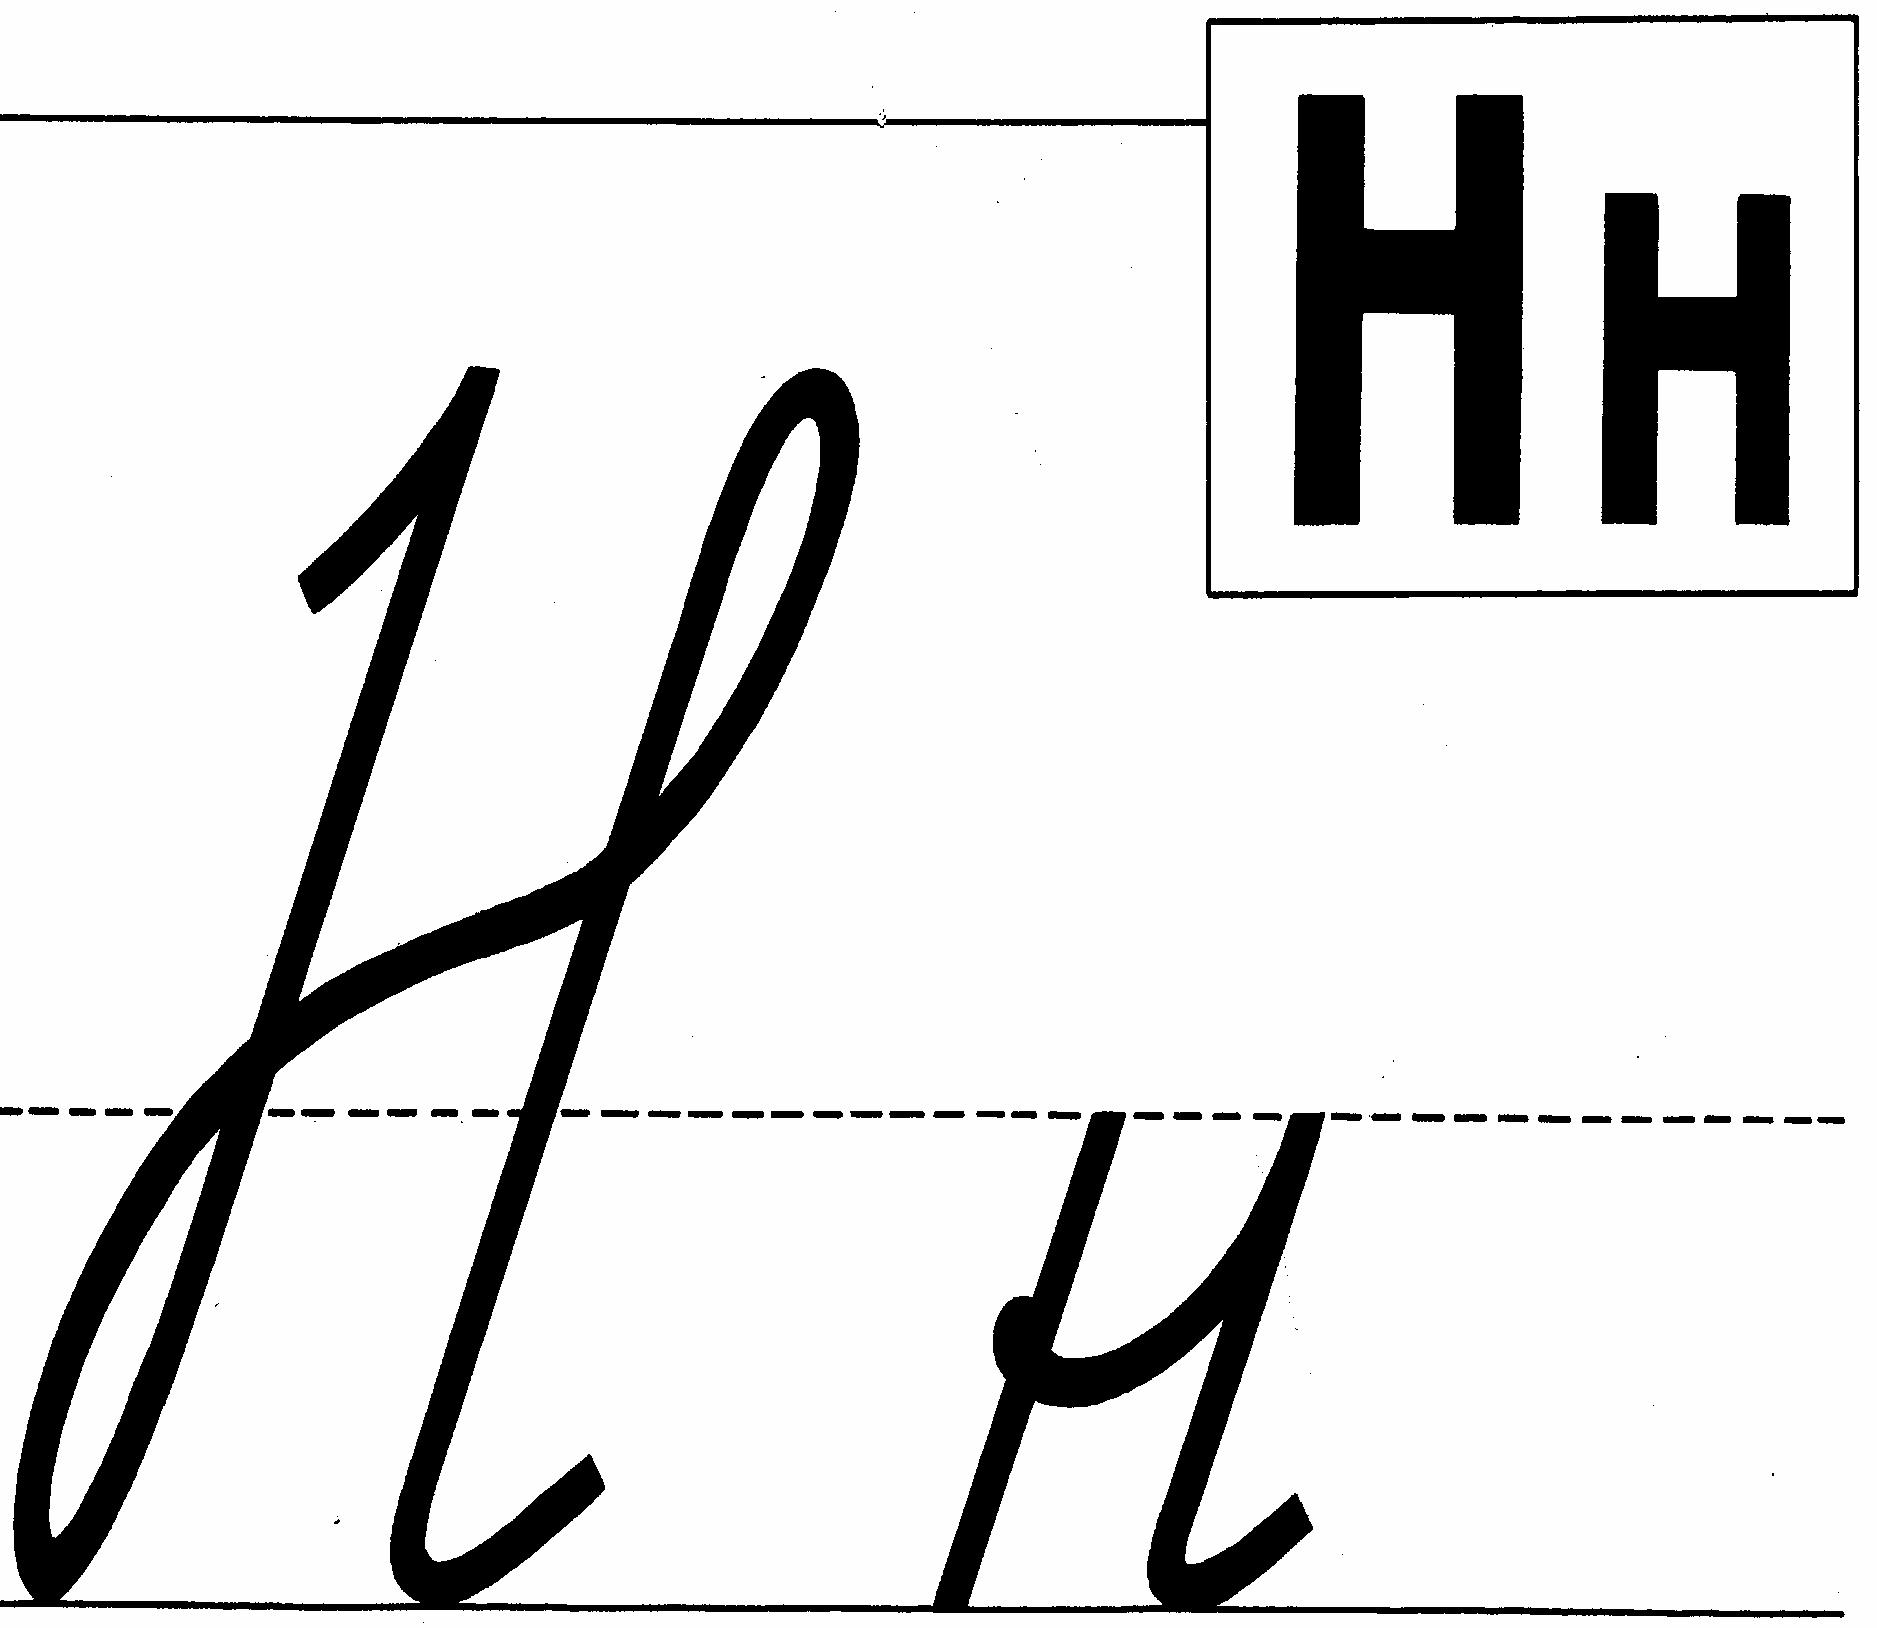 C26FC06